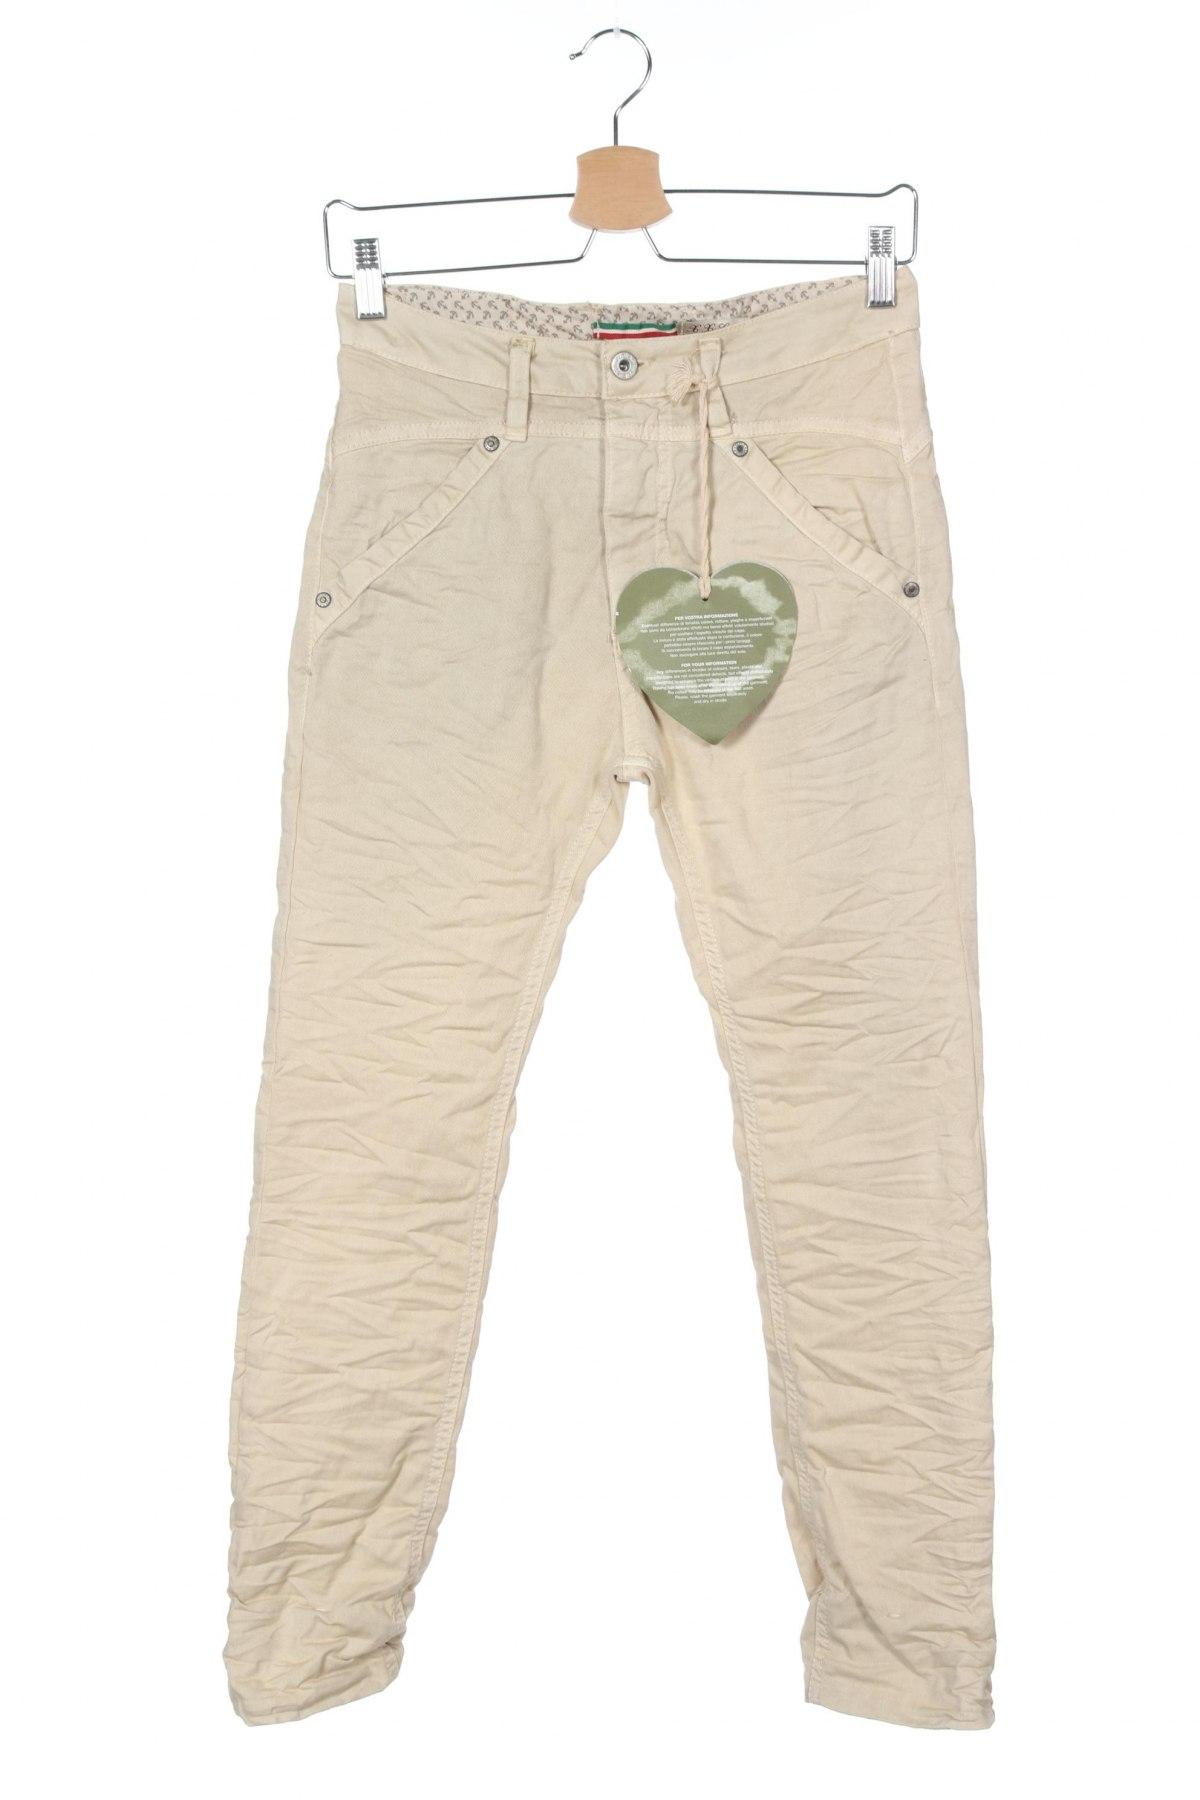 Дамски панталон Please, Размер XXS, Цвят Екрю, 97% памук, 3% еластан, Цена 15,90лв.